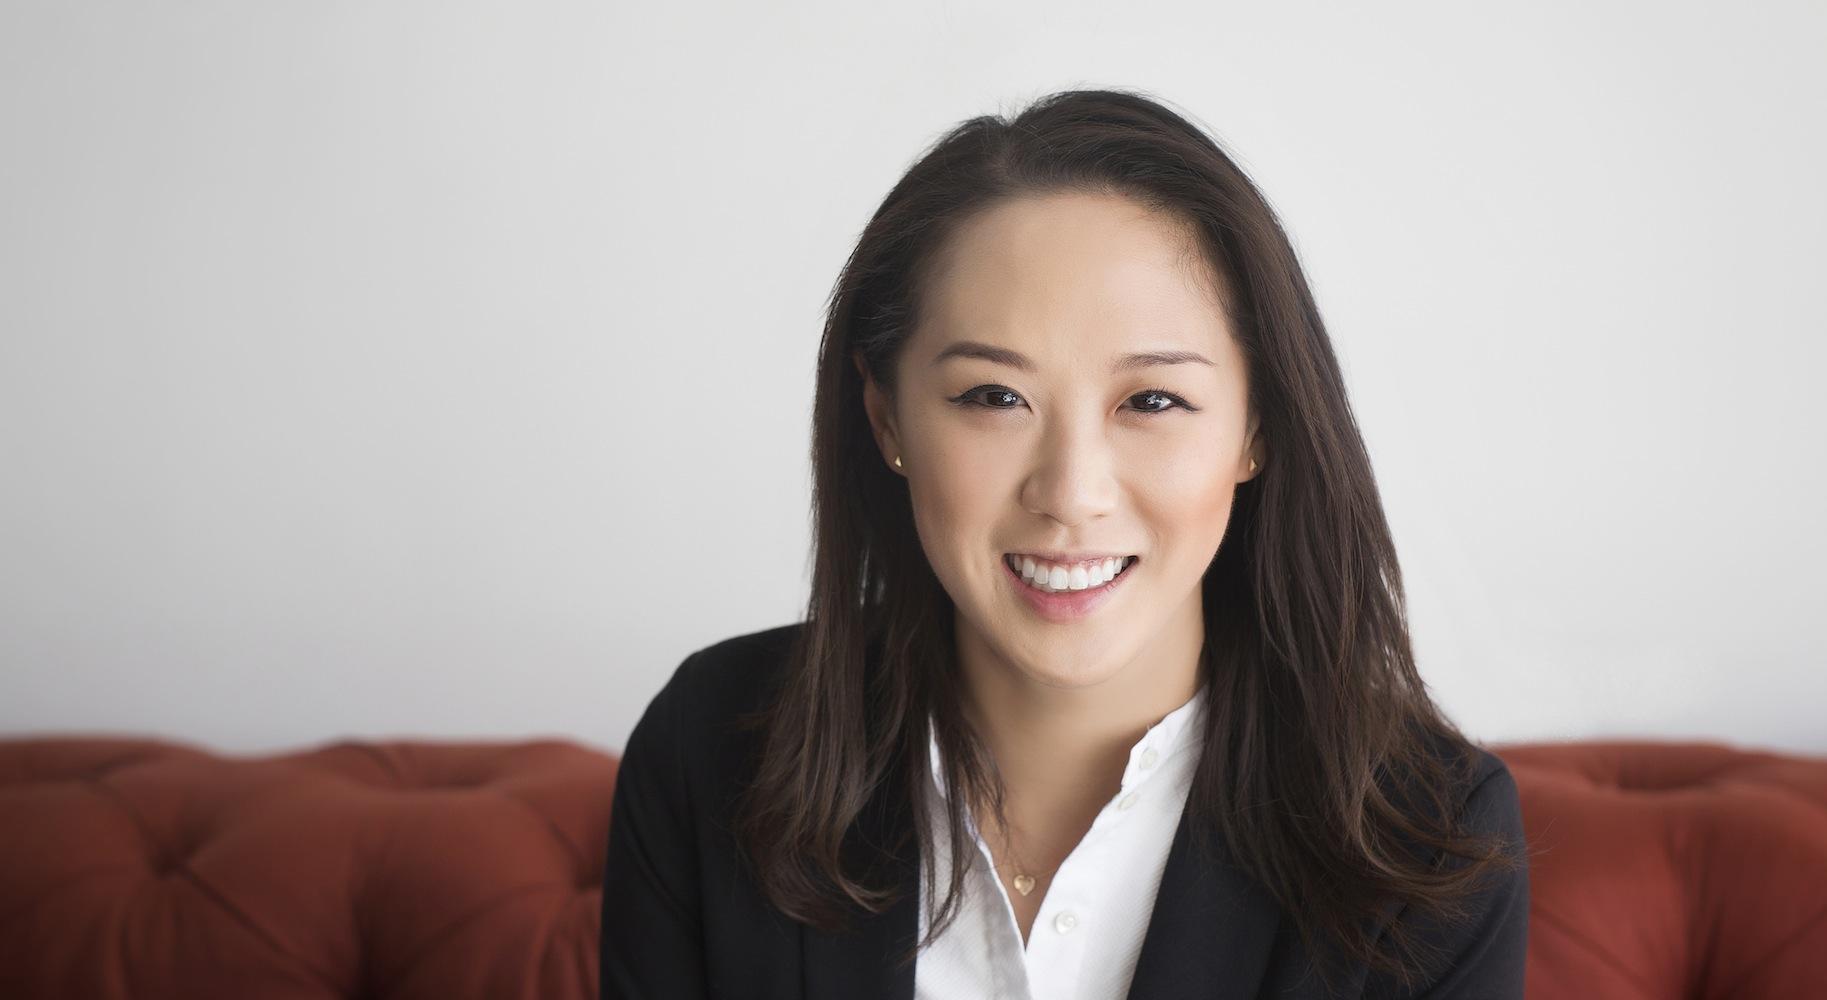 Goalposte Founder & CEO, Jane Wu Brower